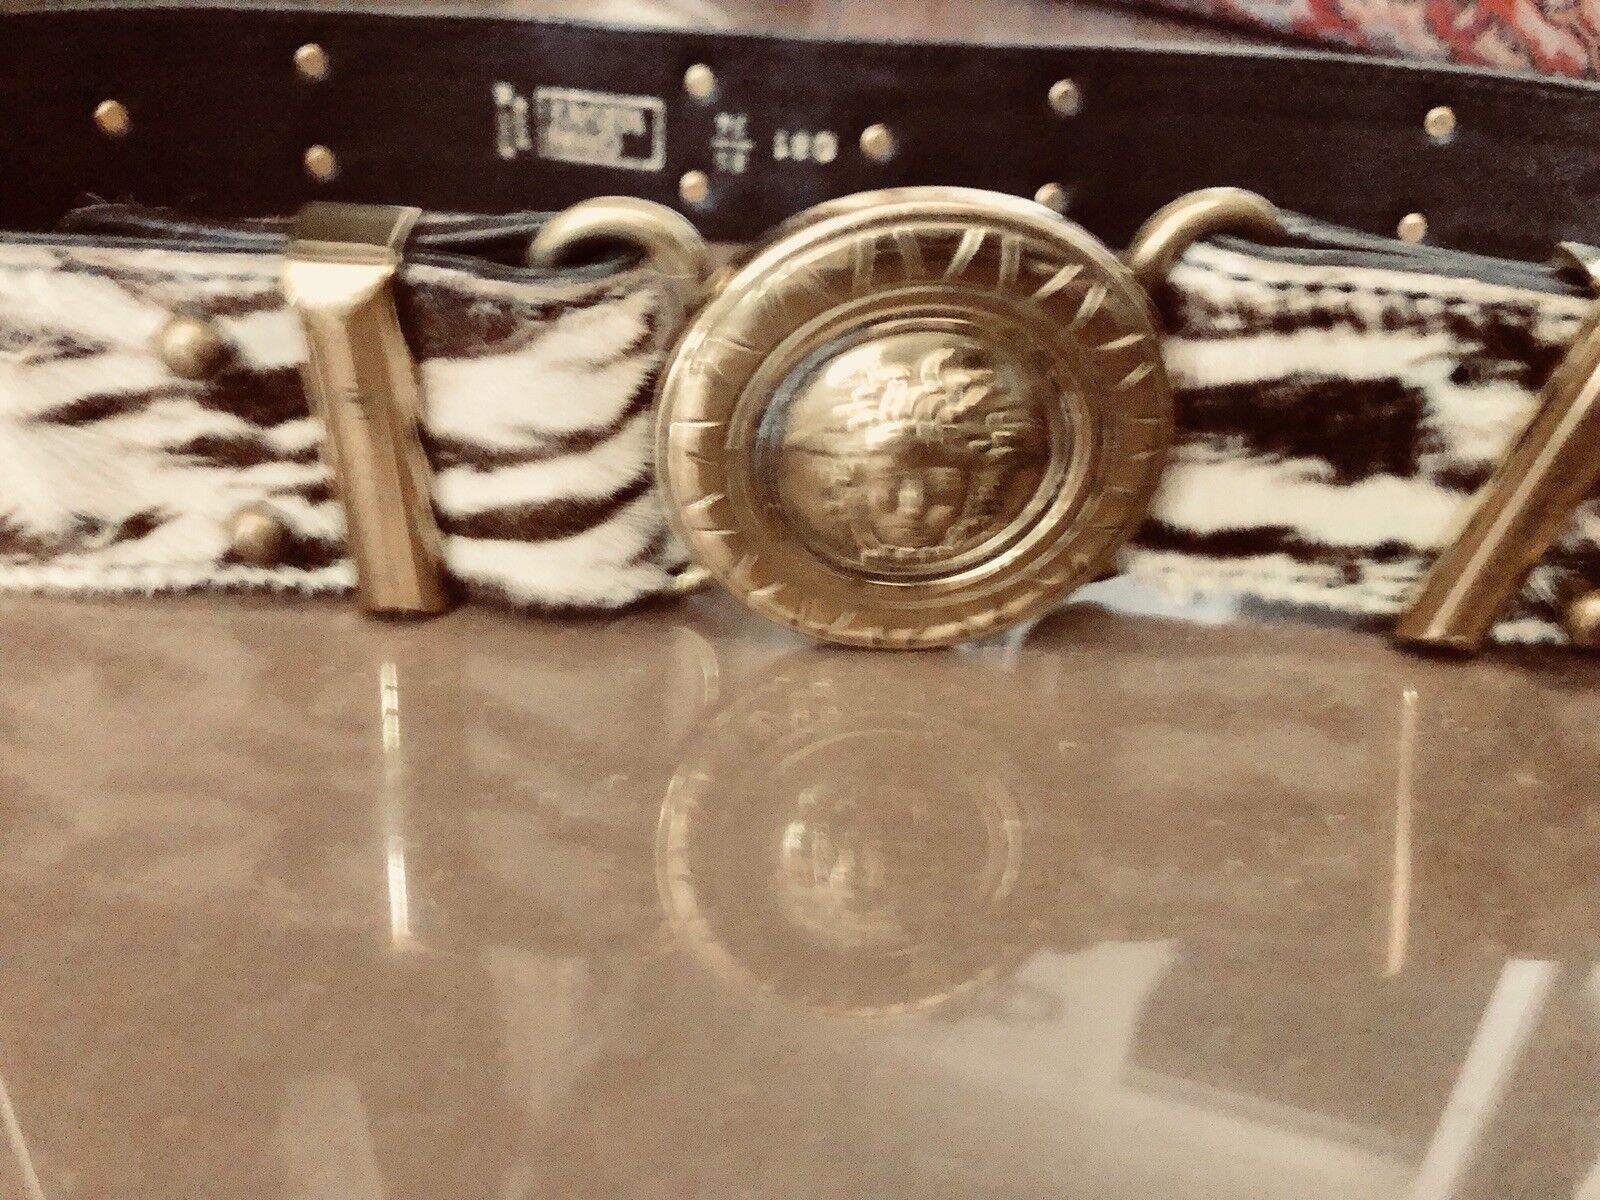 gianni versace vintage Belt - image 10